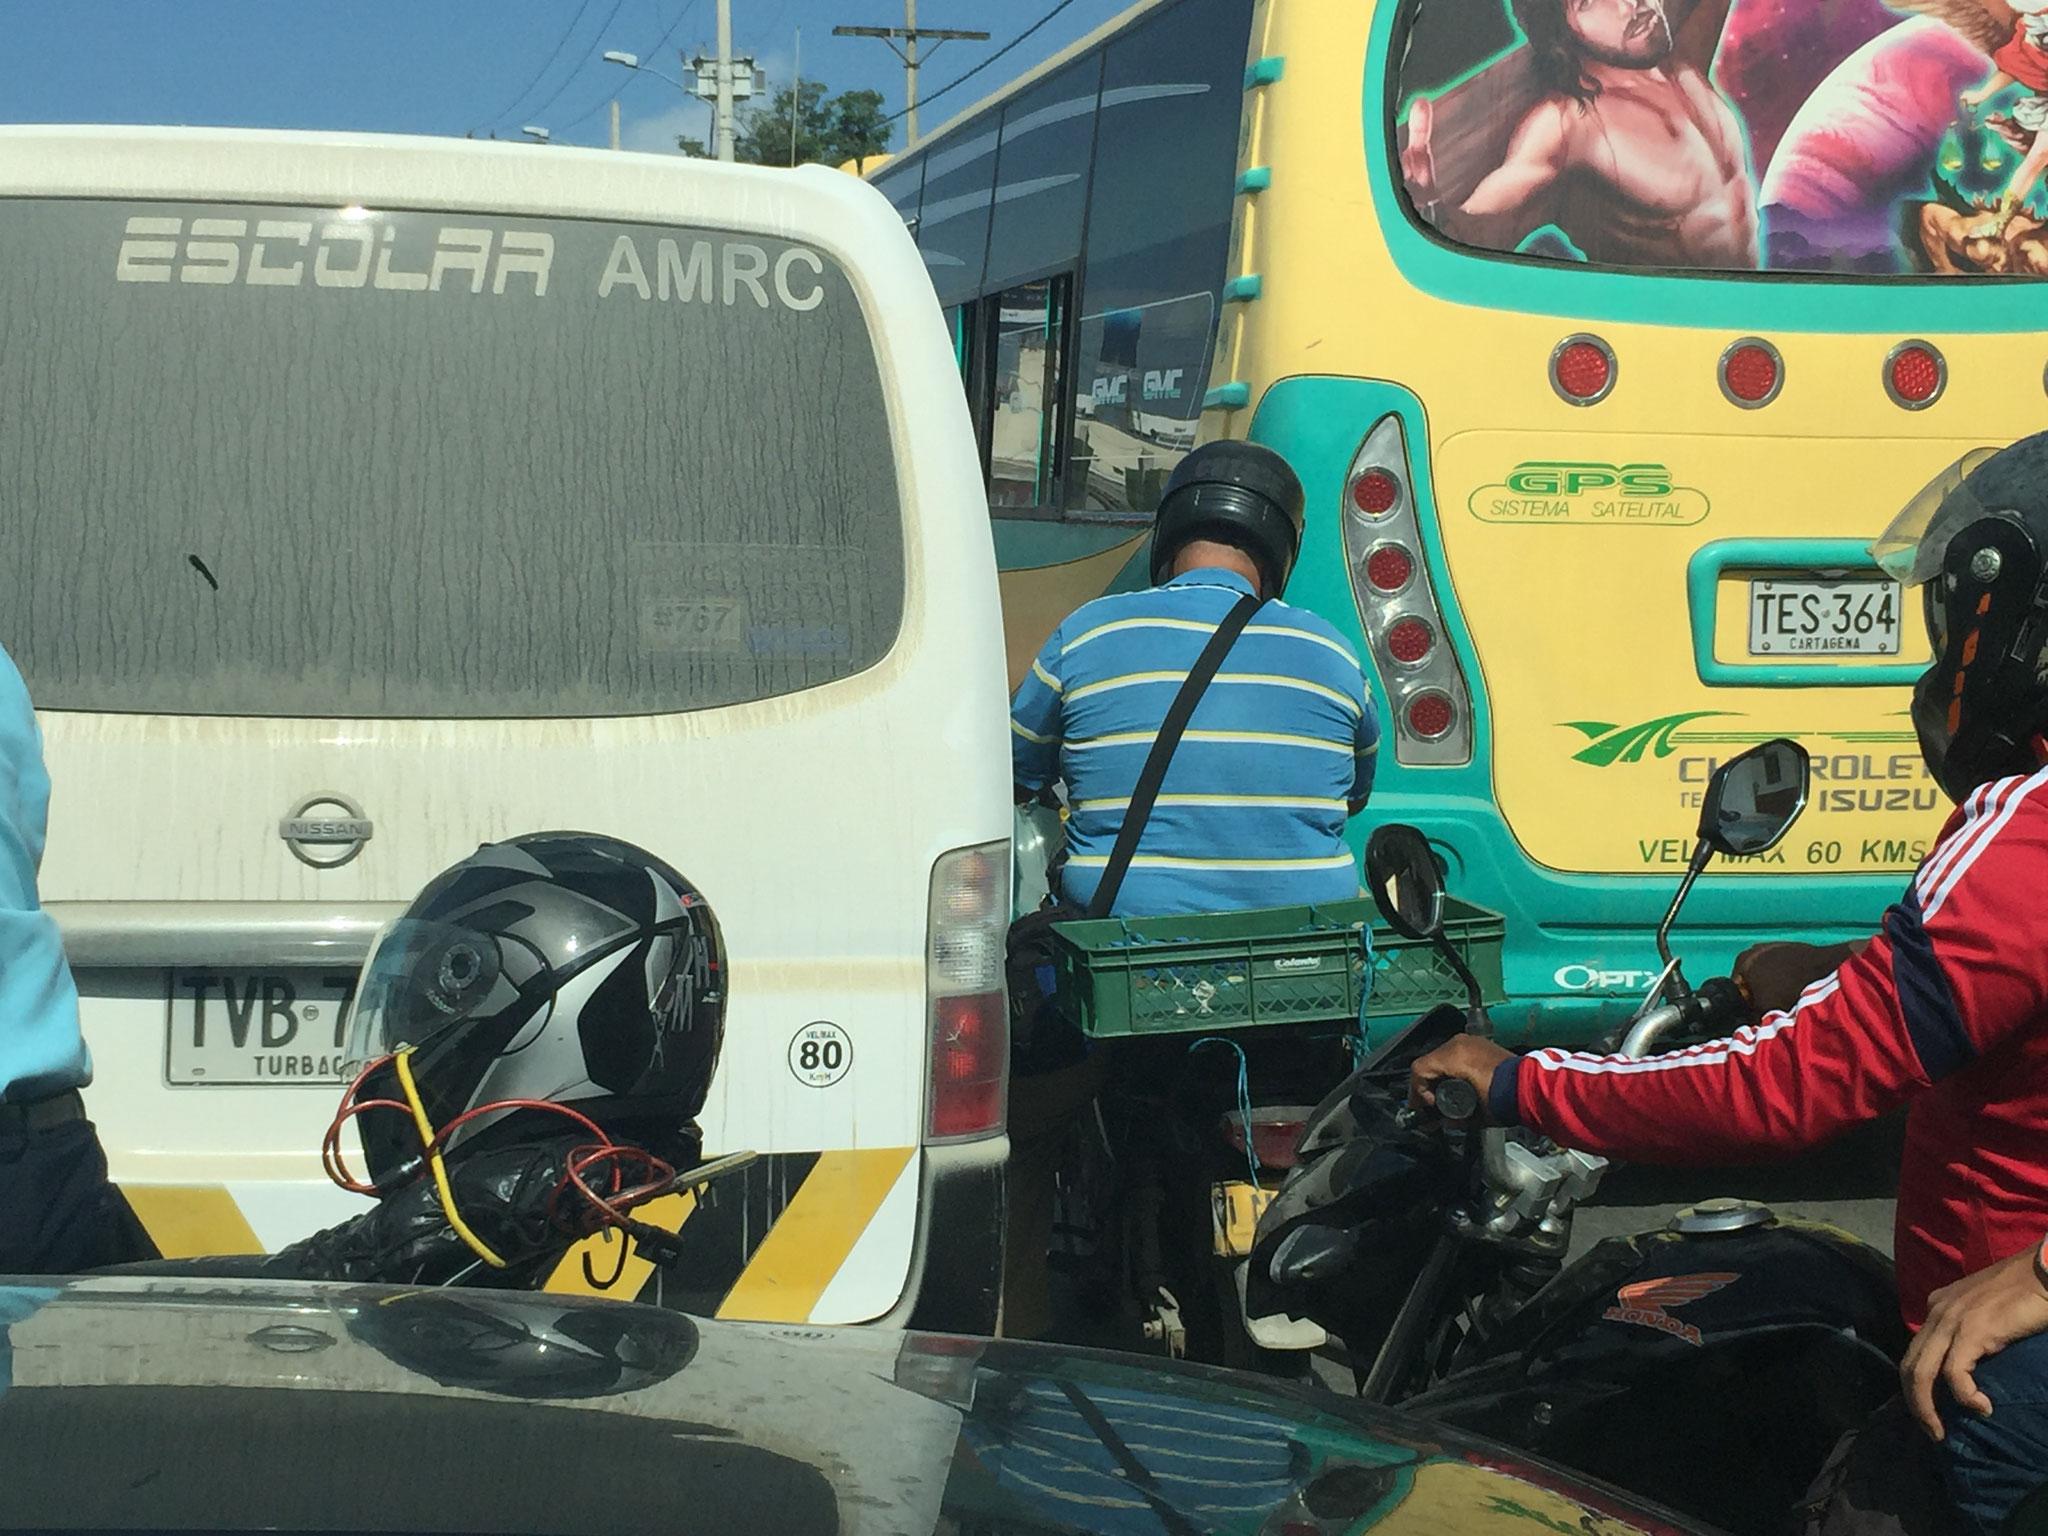 Verkehrschaos in Cartagena